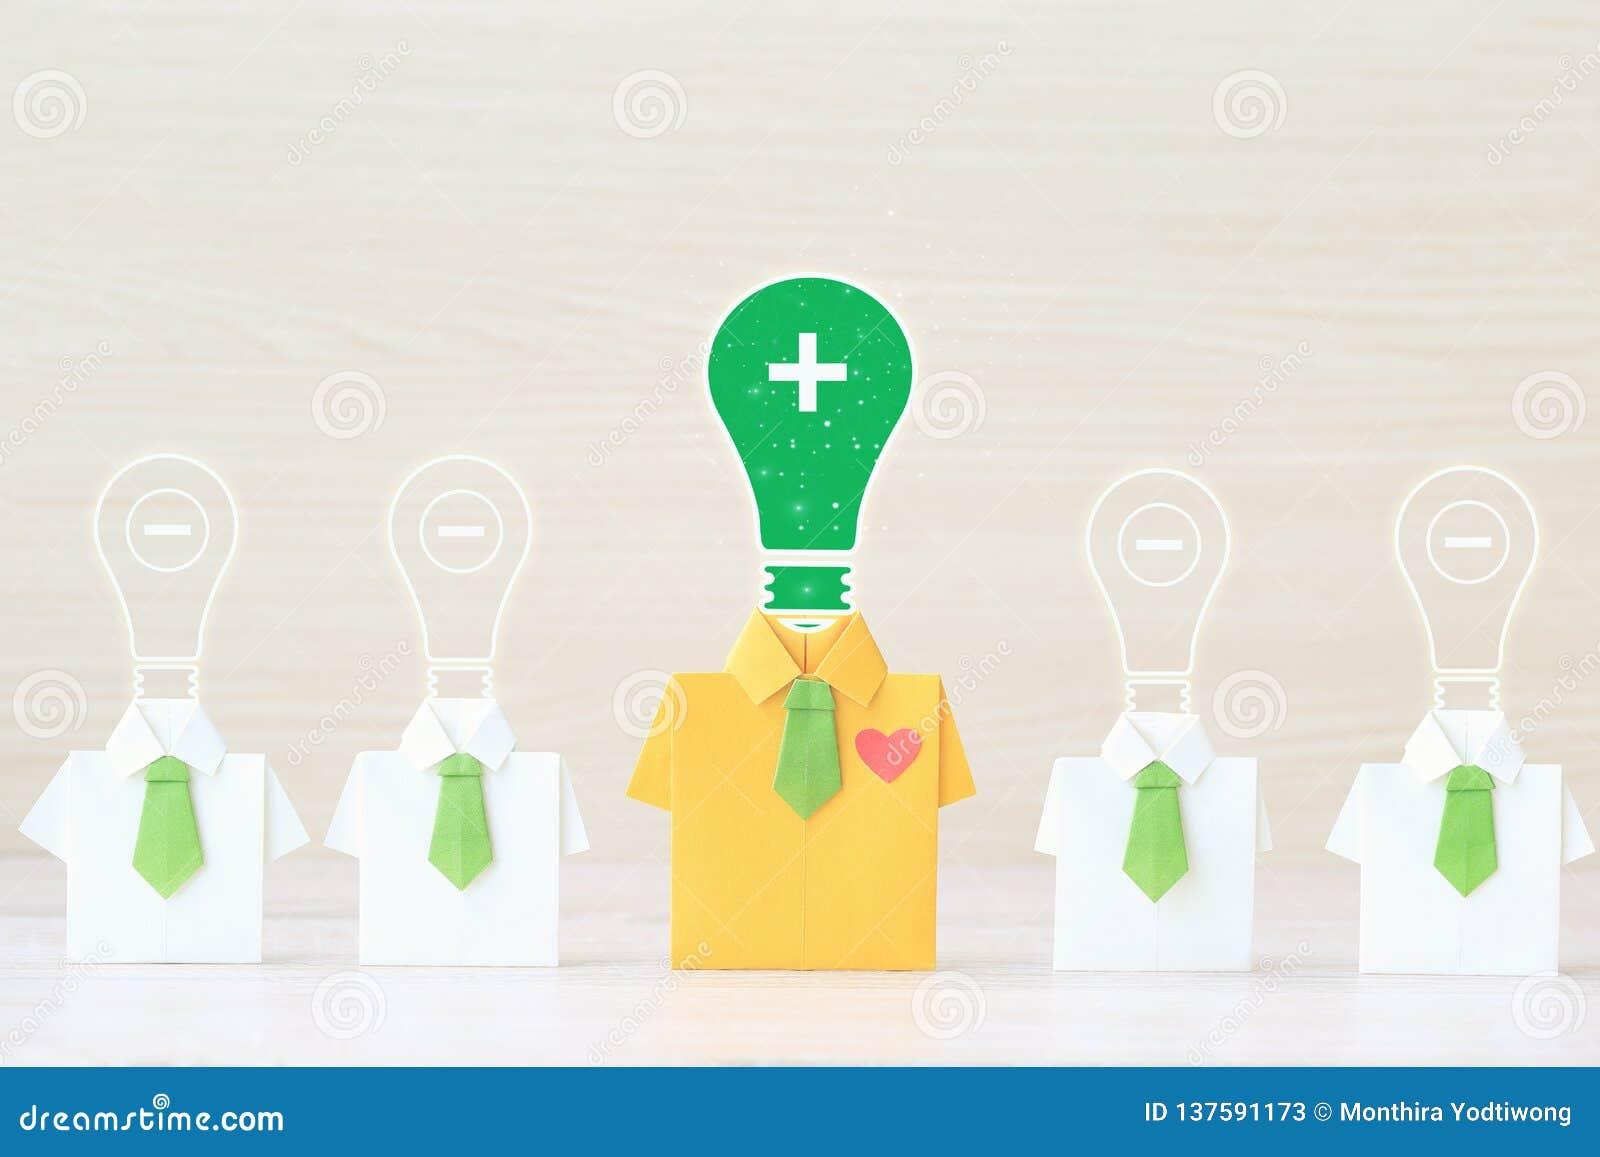 Myślący pozytywny pojęcie, Origami żółta koszula z krawatem i żarówka z główkowaniem na wooder tle, pozytywnym i negatywnym